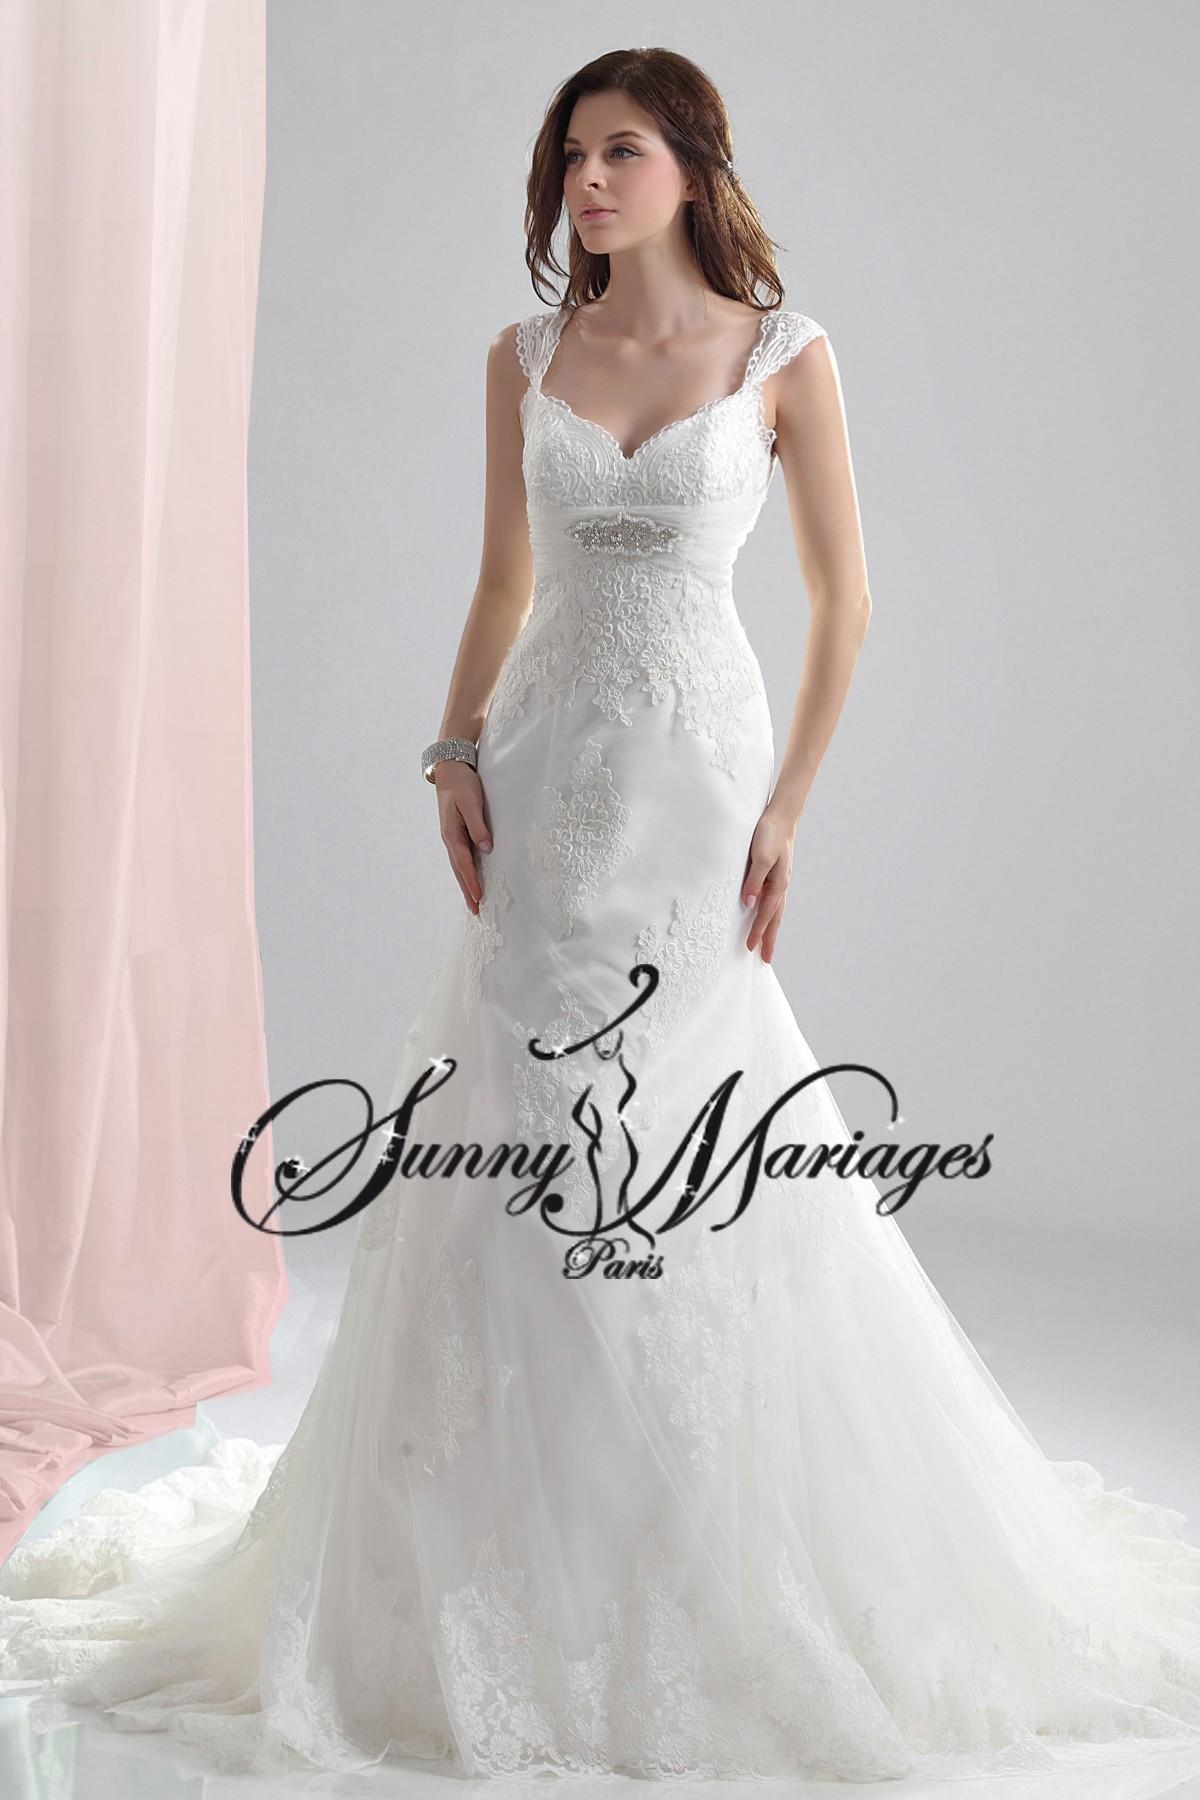 robe de mariee sirene bustier bretelle en dentelle SUNNY MARIAGES 2014 ...